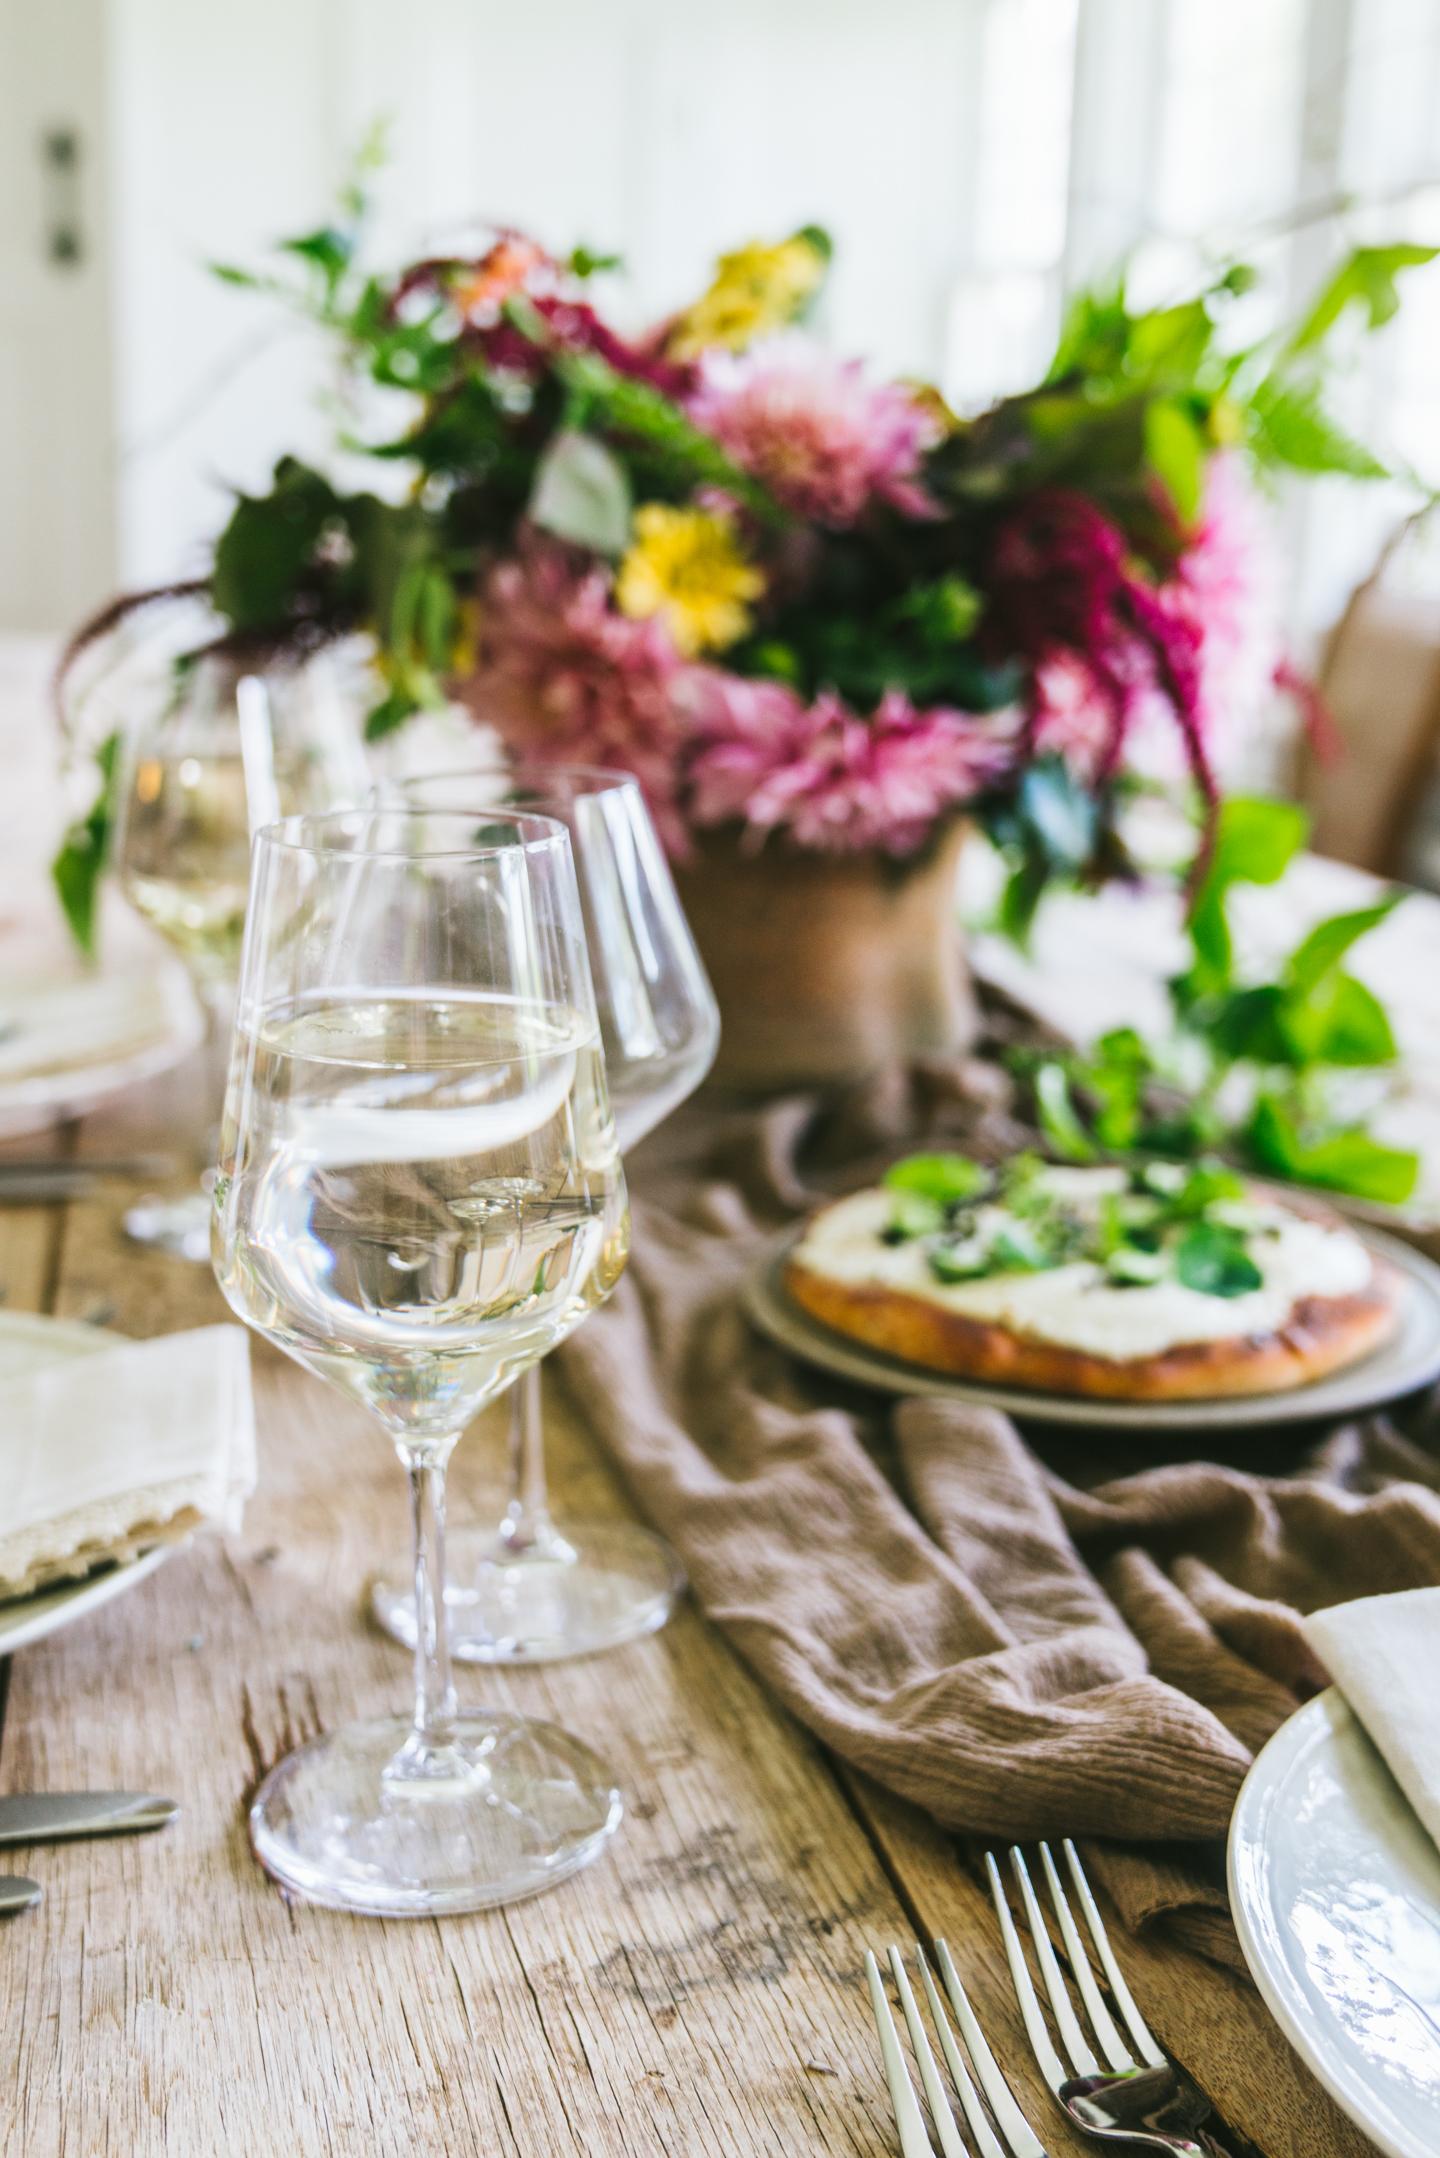 summer white garden pizza with herbs and nasturtium